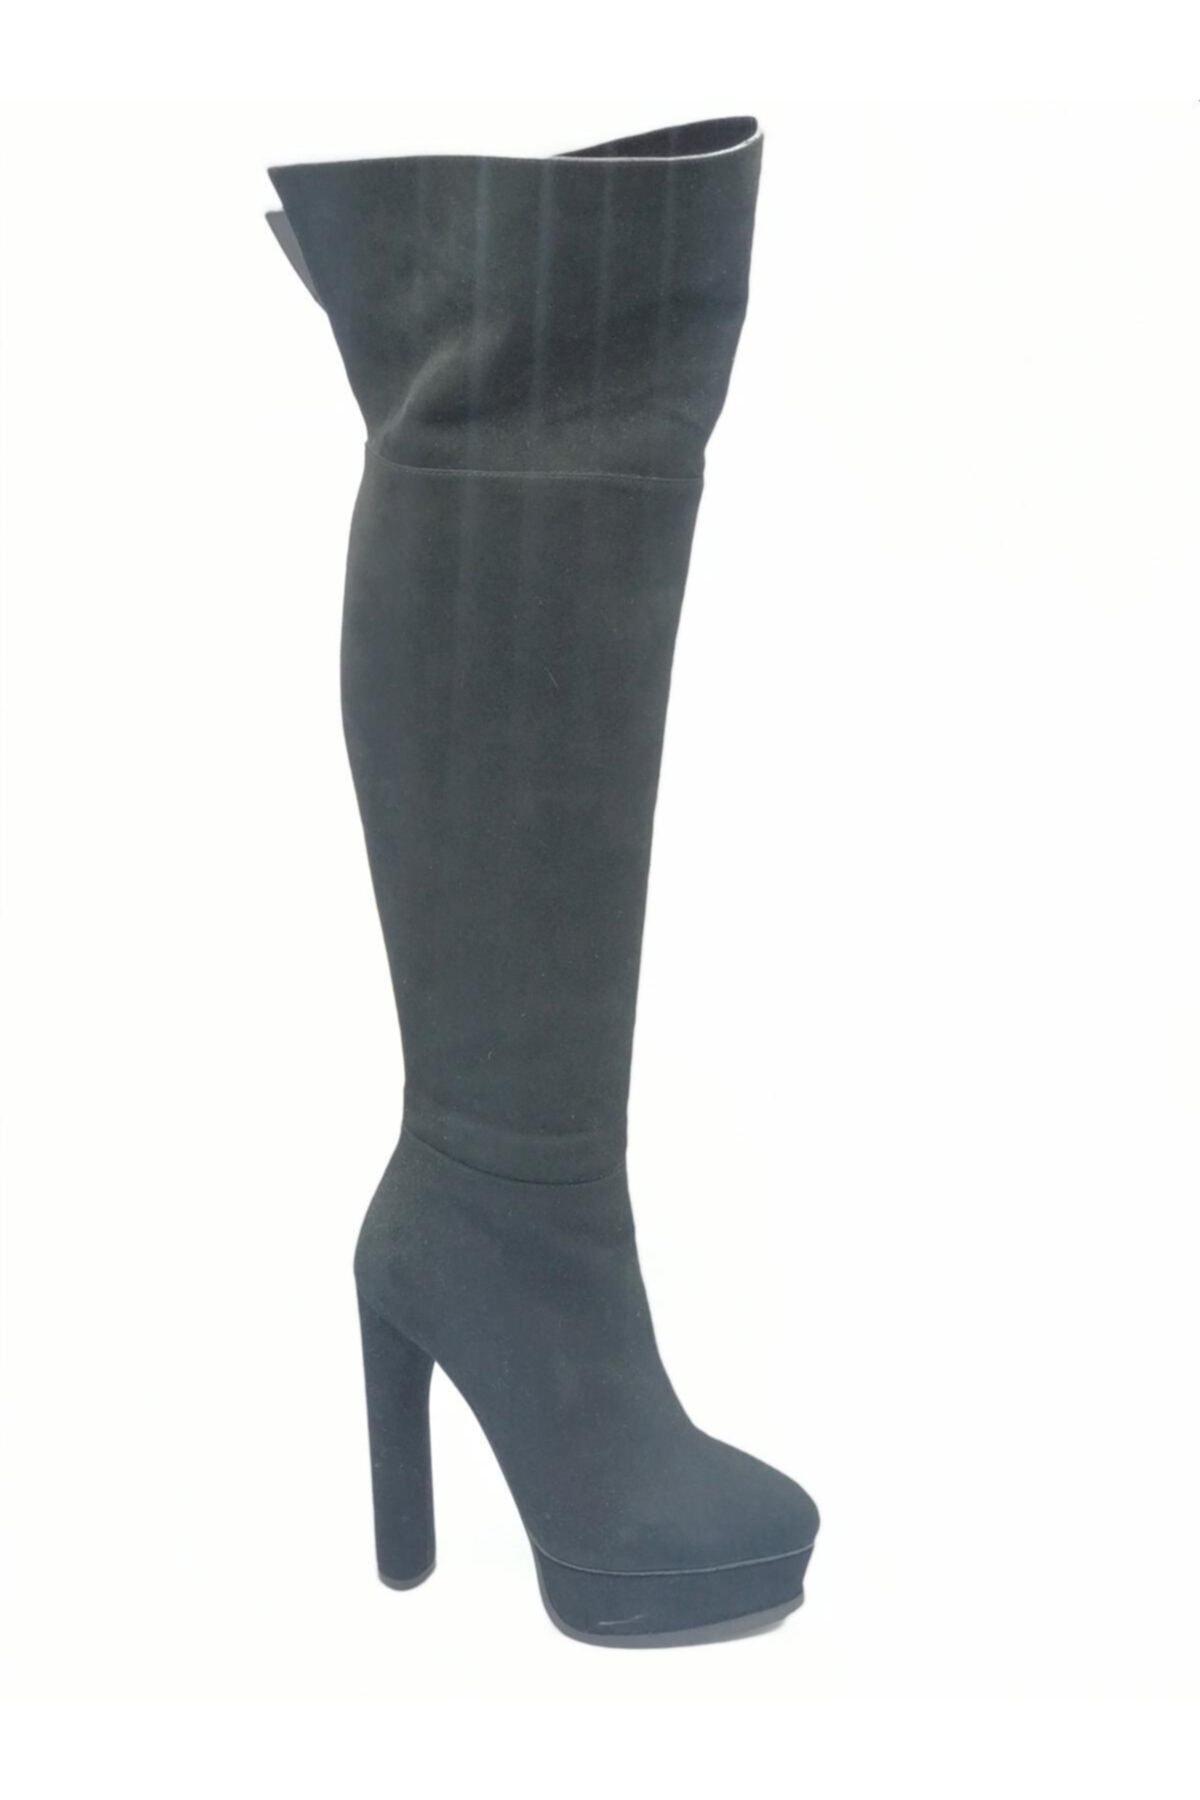 Flower Kadın Siyah Süet İnce Topuklu Çizme 1